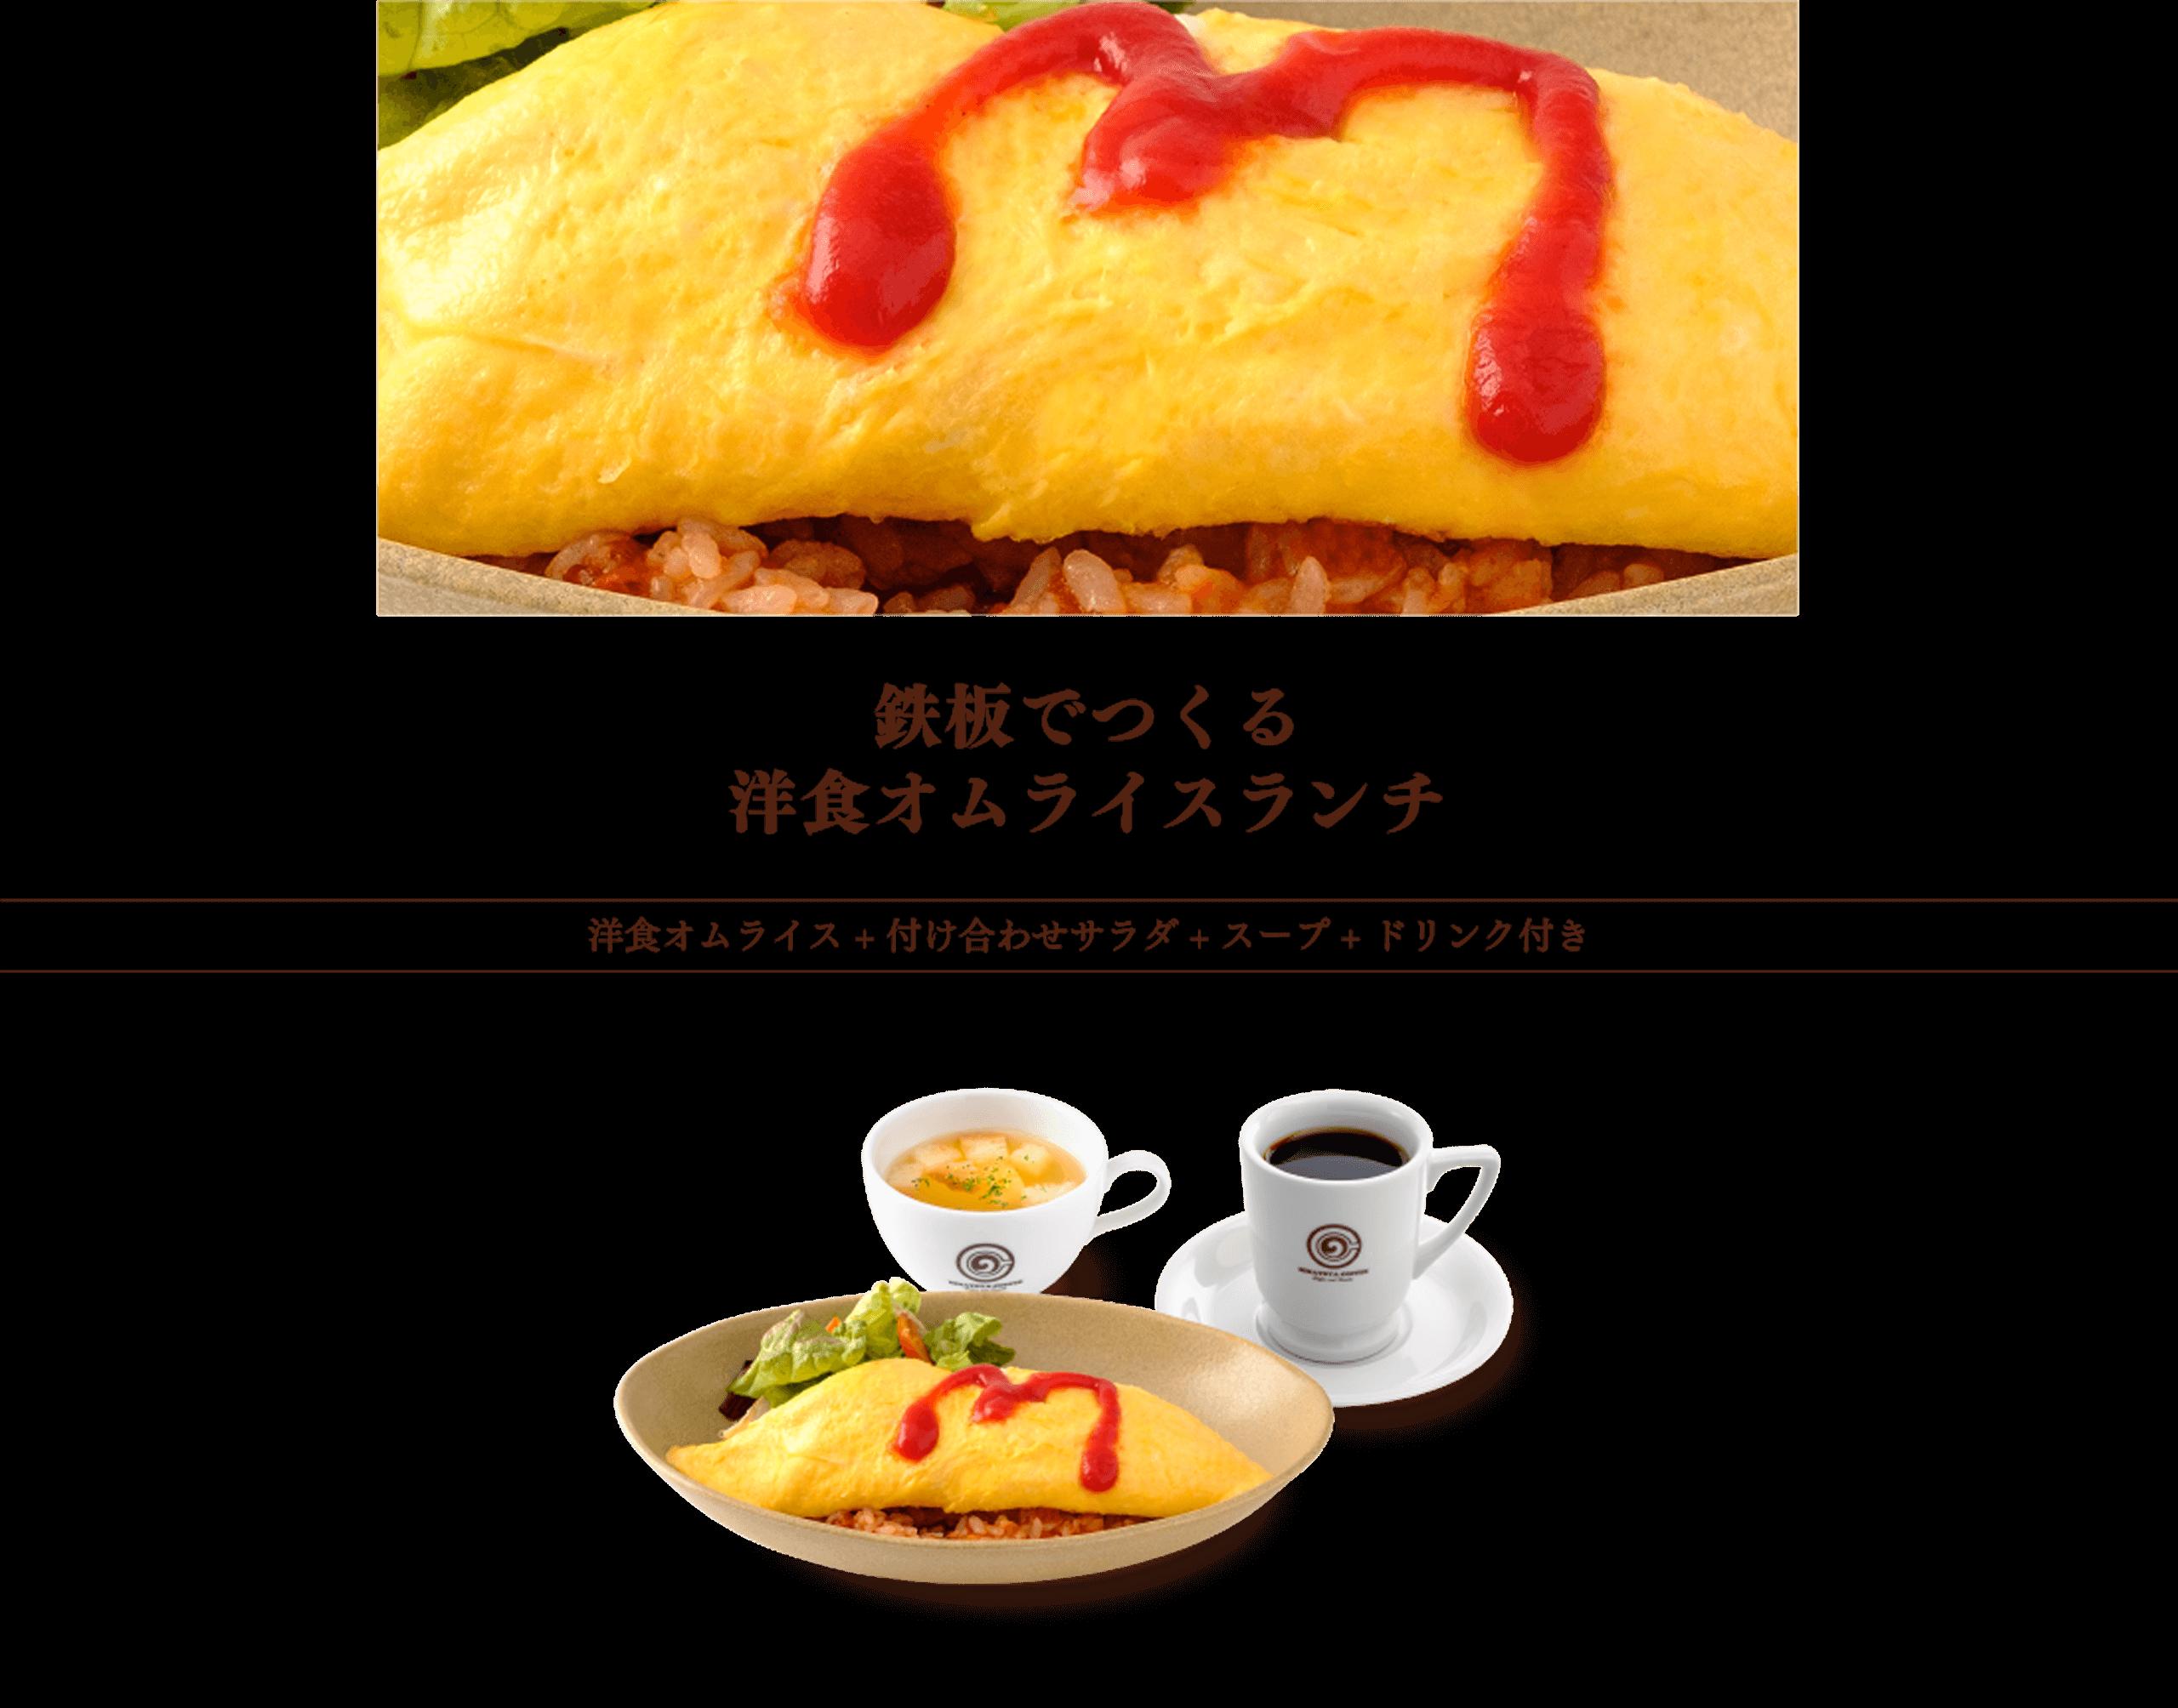 洋食オムライスランチ画像